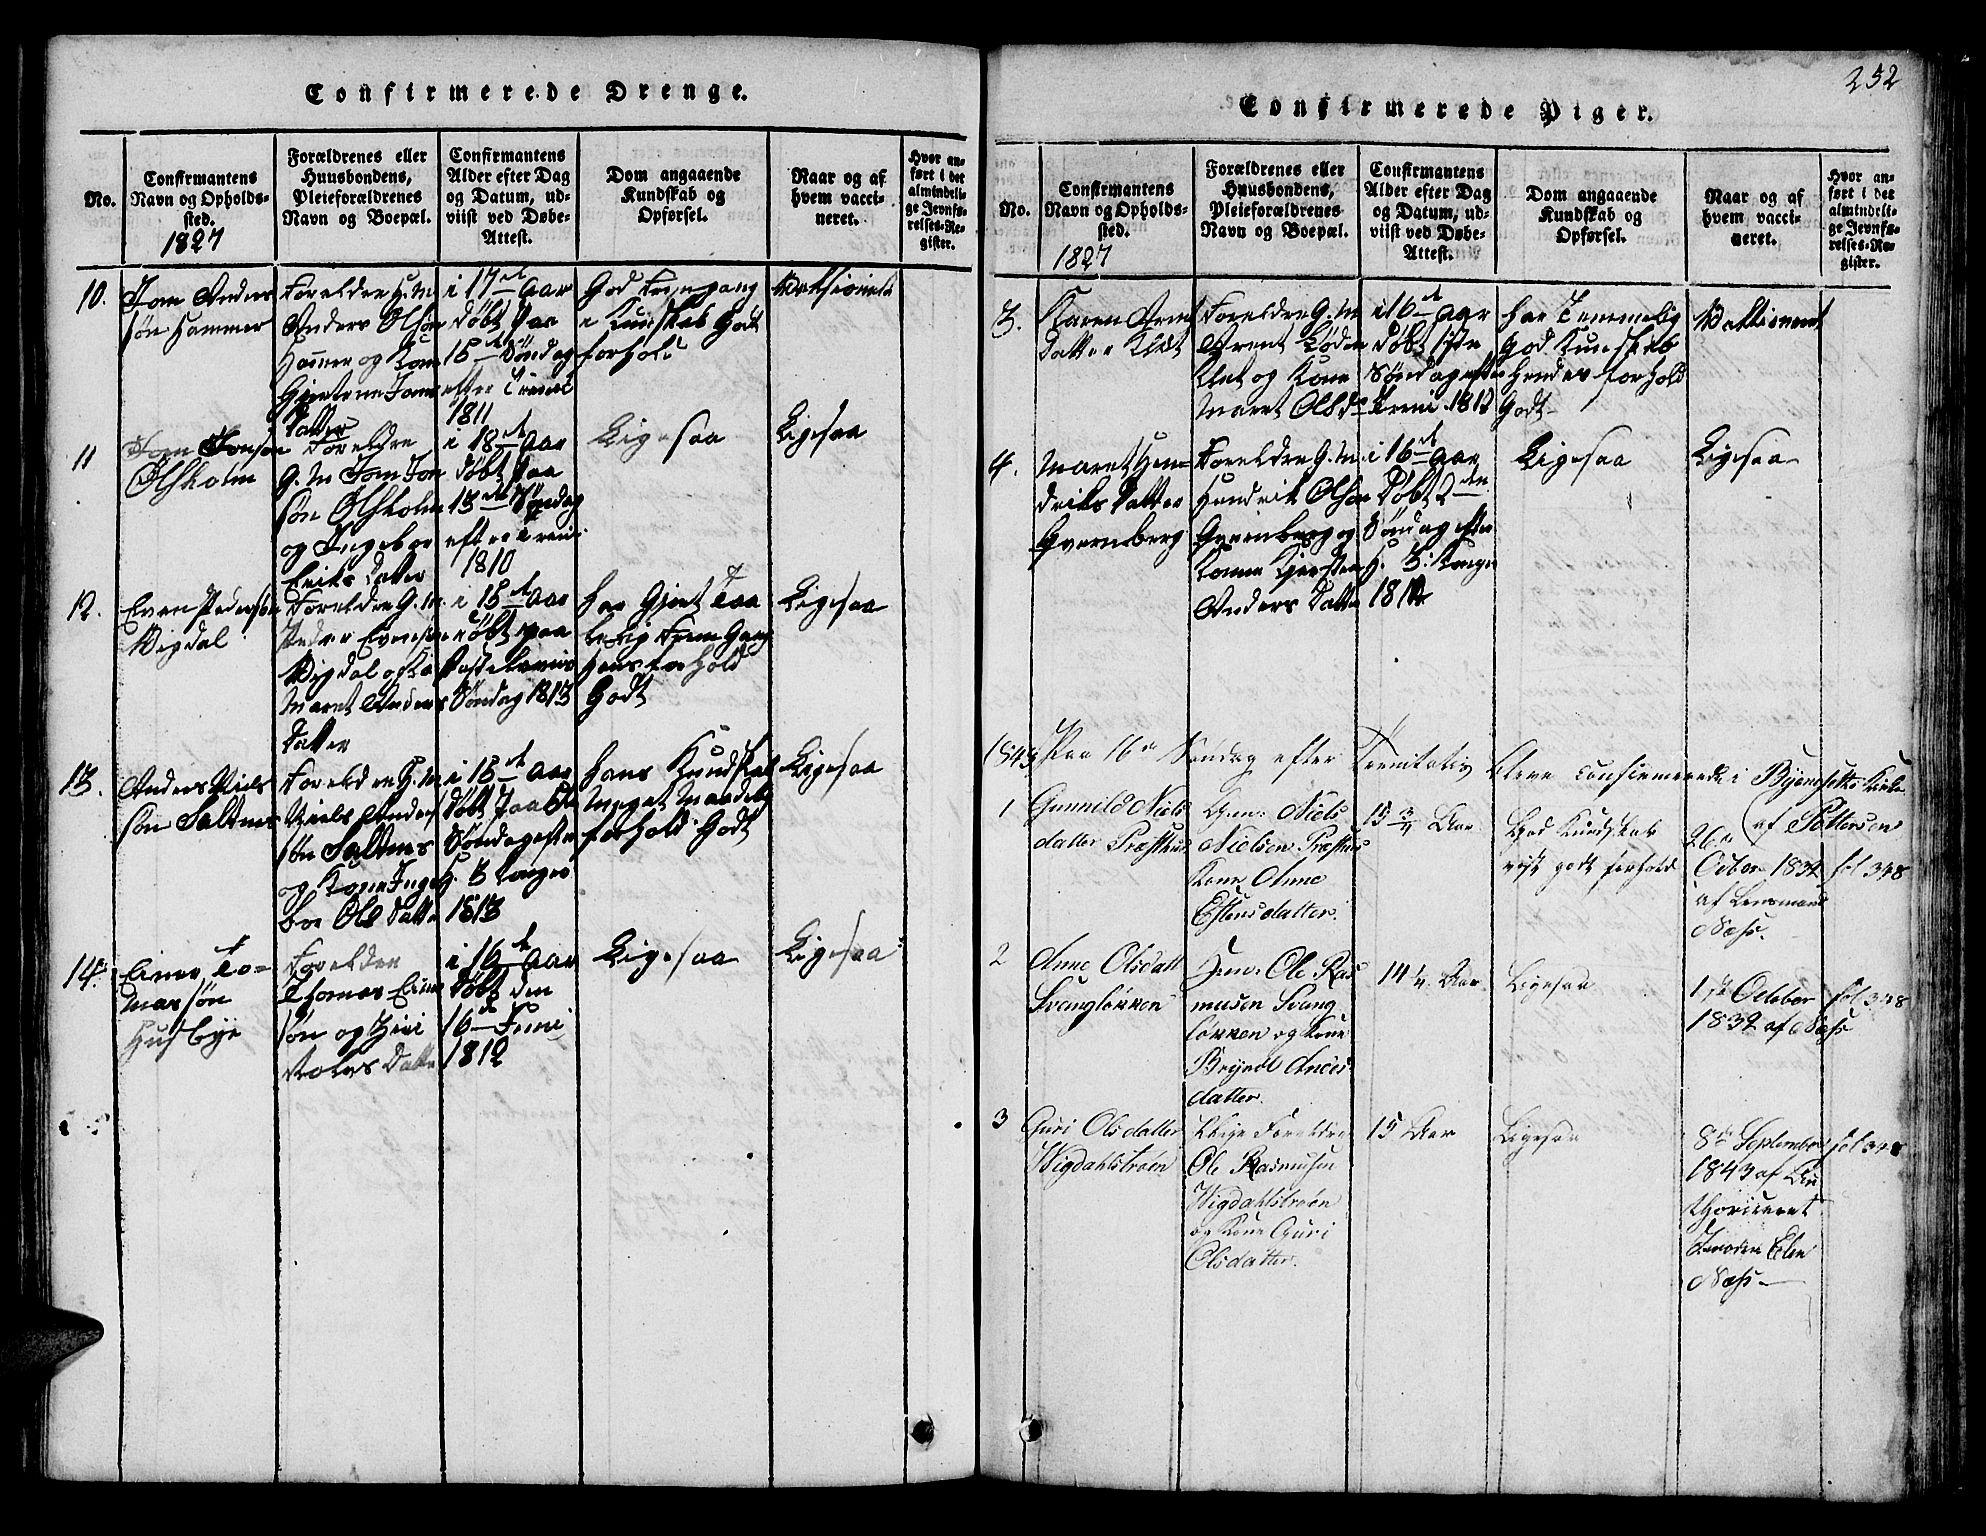 SAT, Ministerialprotokoller, klokkerbøker og fødselsregistre - Sør-Trøndelag, 666/L0788: Klokkerbok nr. 666C01, 1816-1847, s. 252